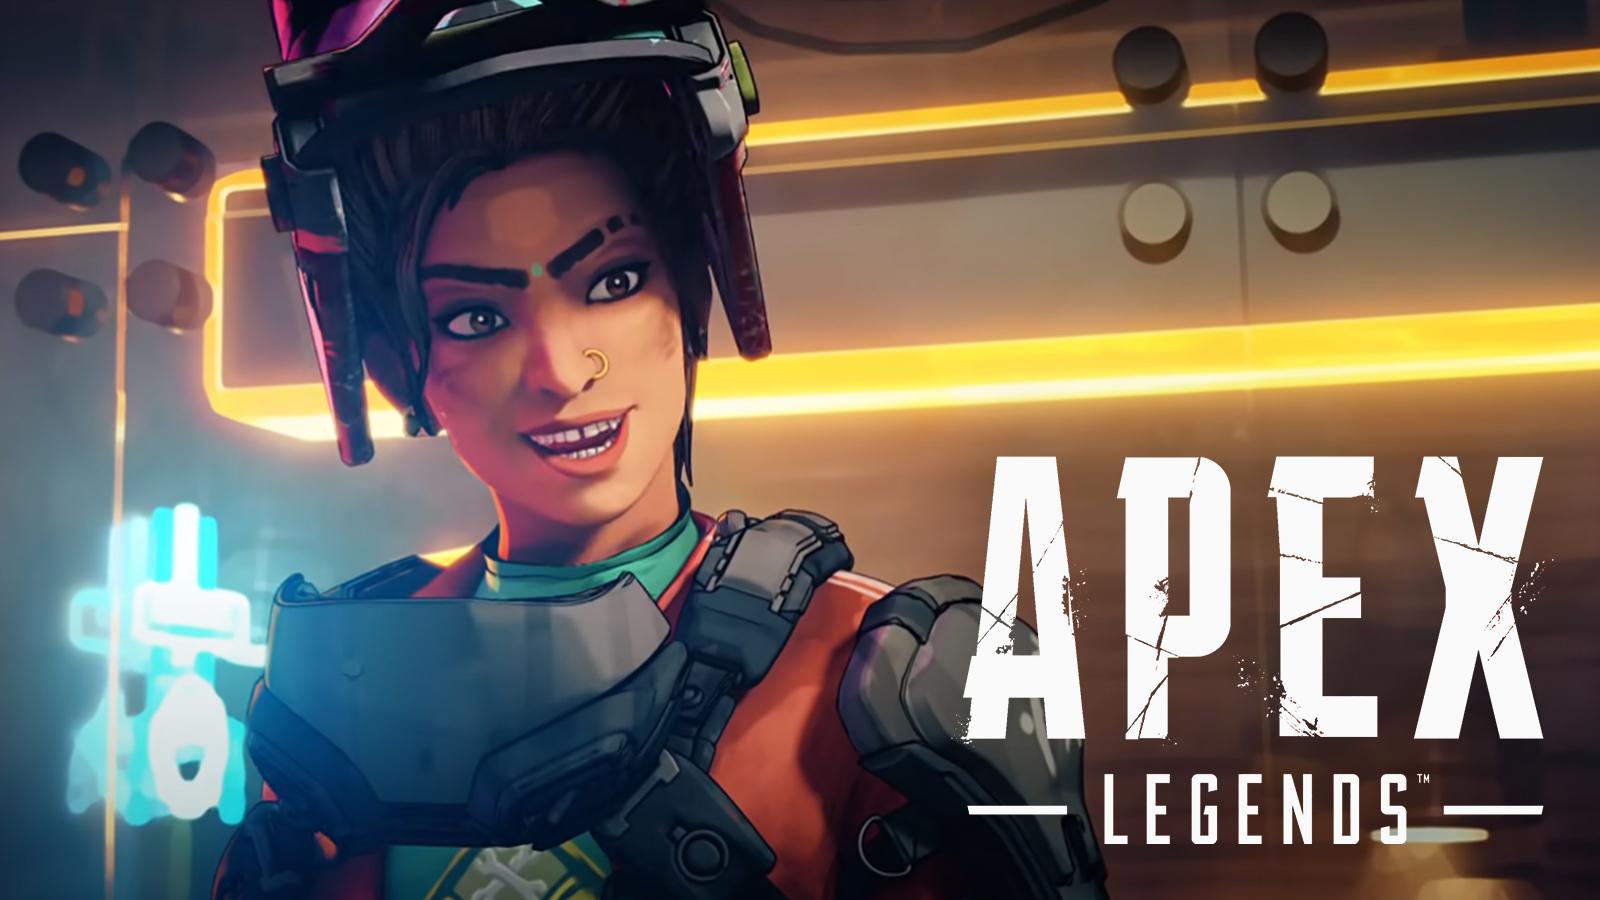 Rampart is getting Apex Legends buffs in Season 8 patch 8.0.